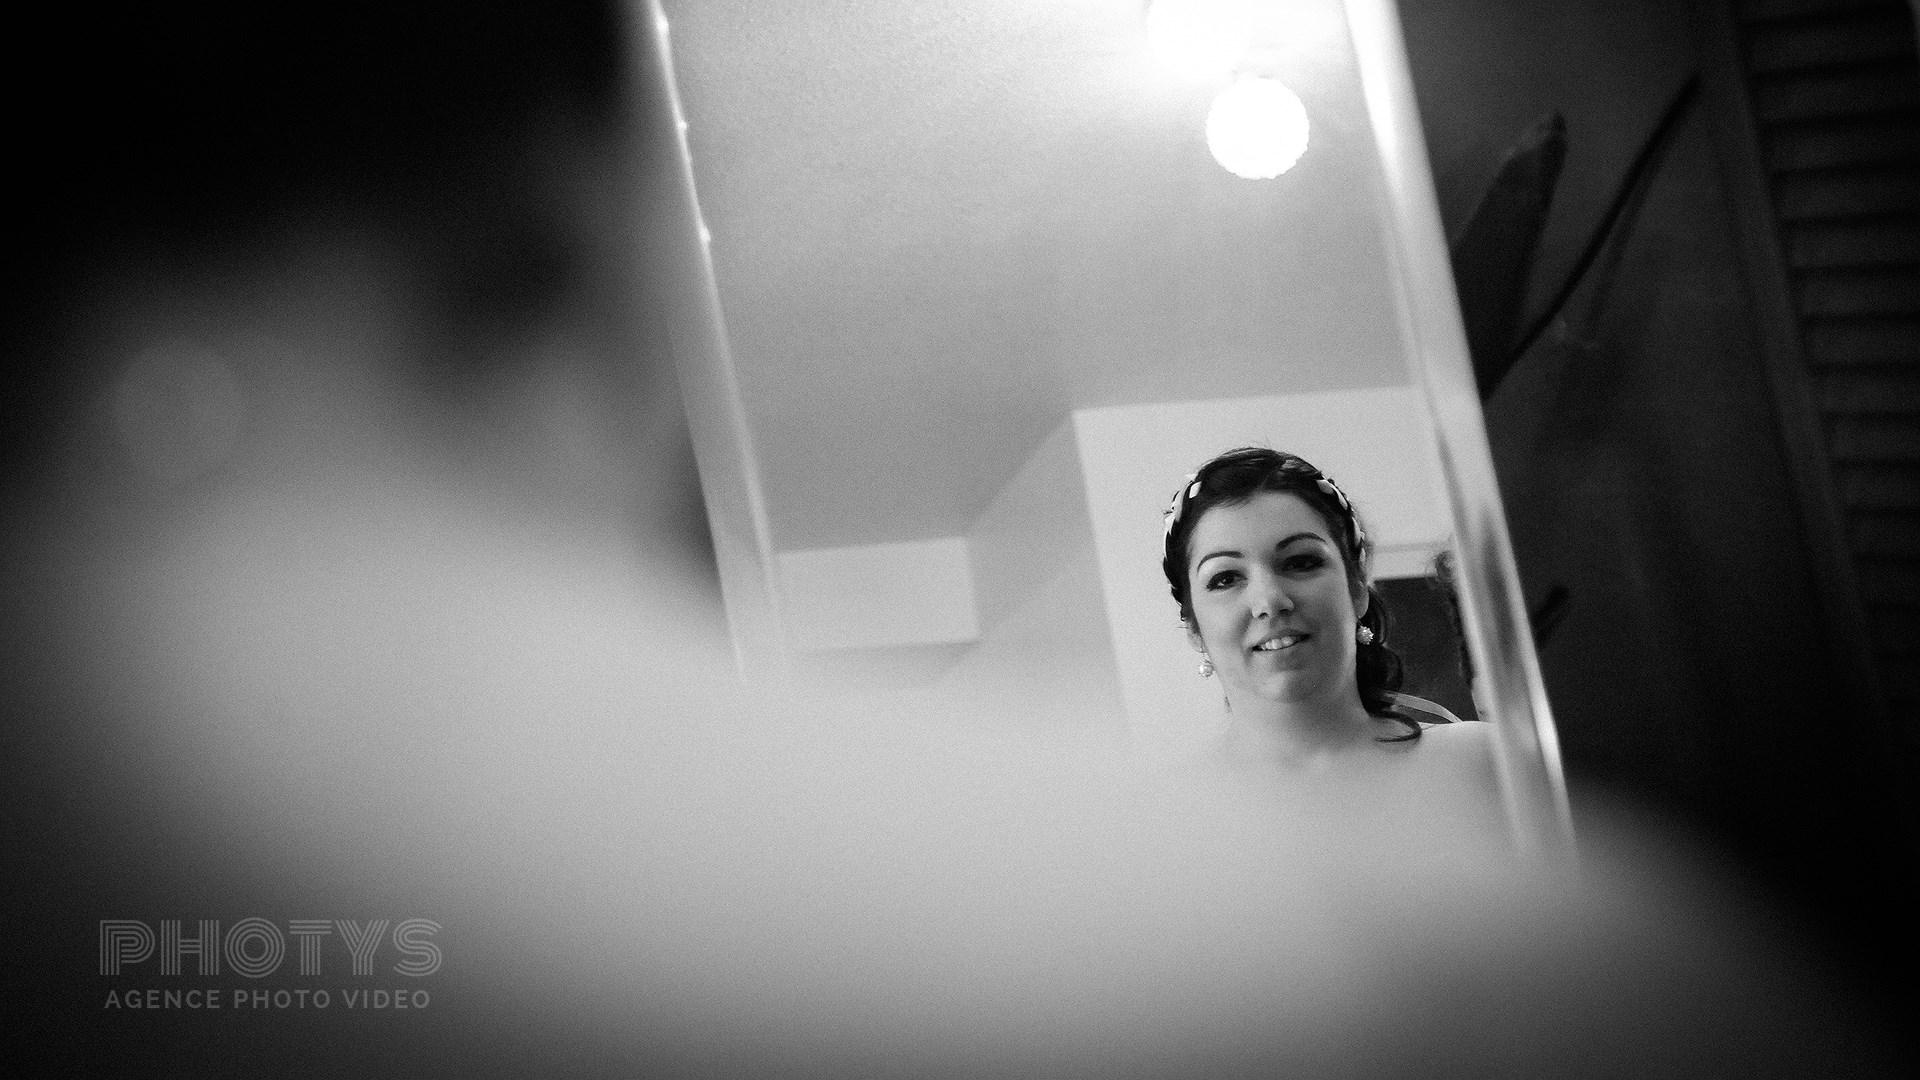 PHOTOGRAPHE MARAIAGE BELLEVILLE SUR SAONE 001 (Sides 1-2)